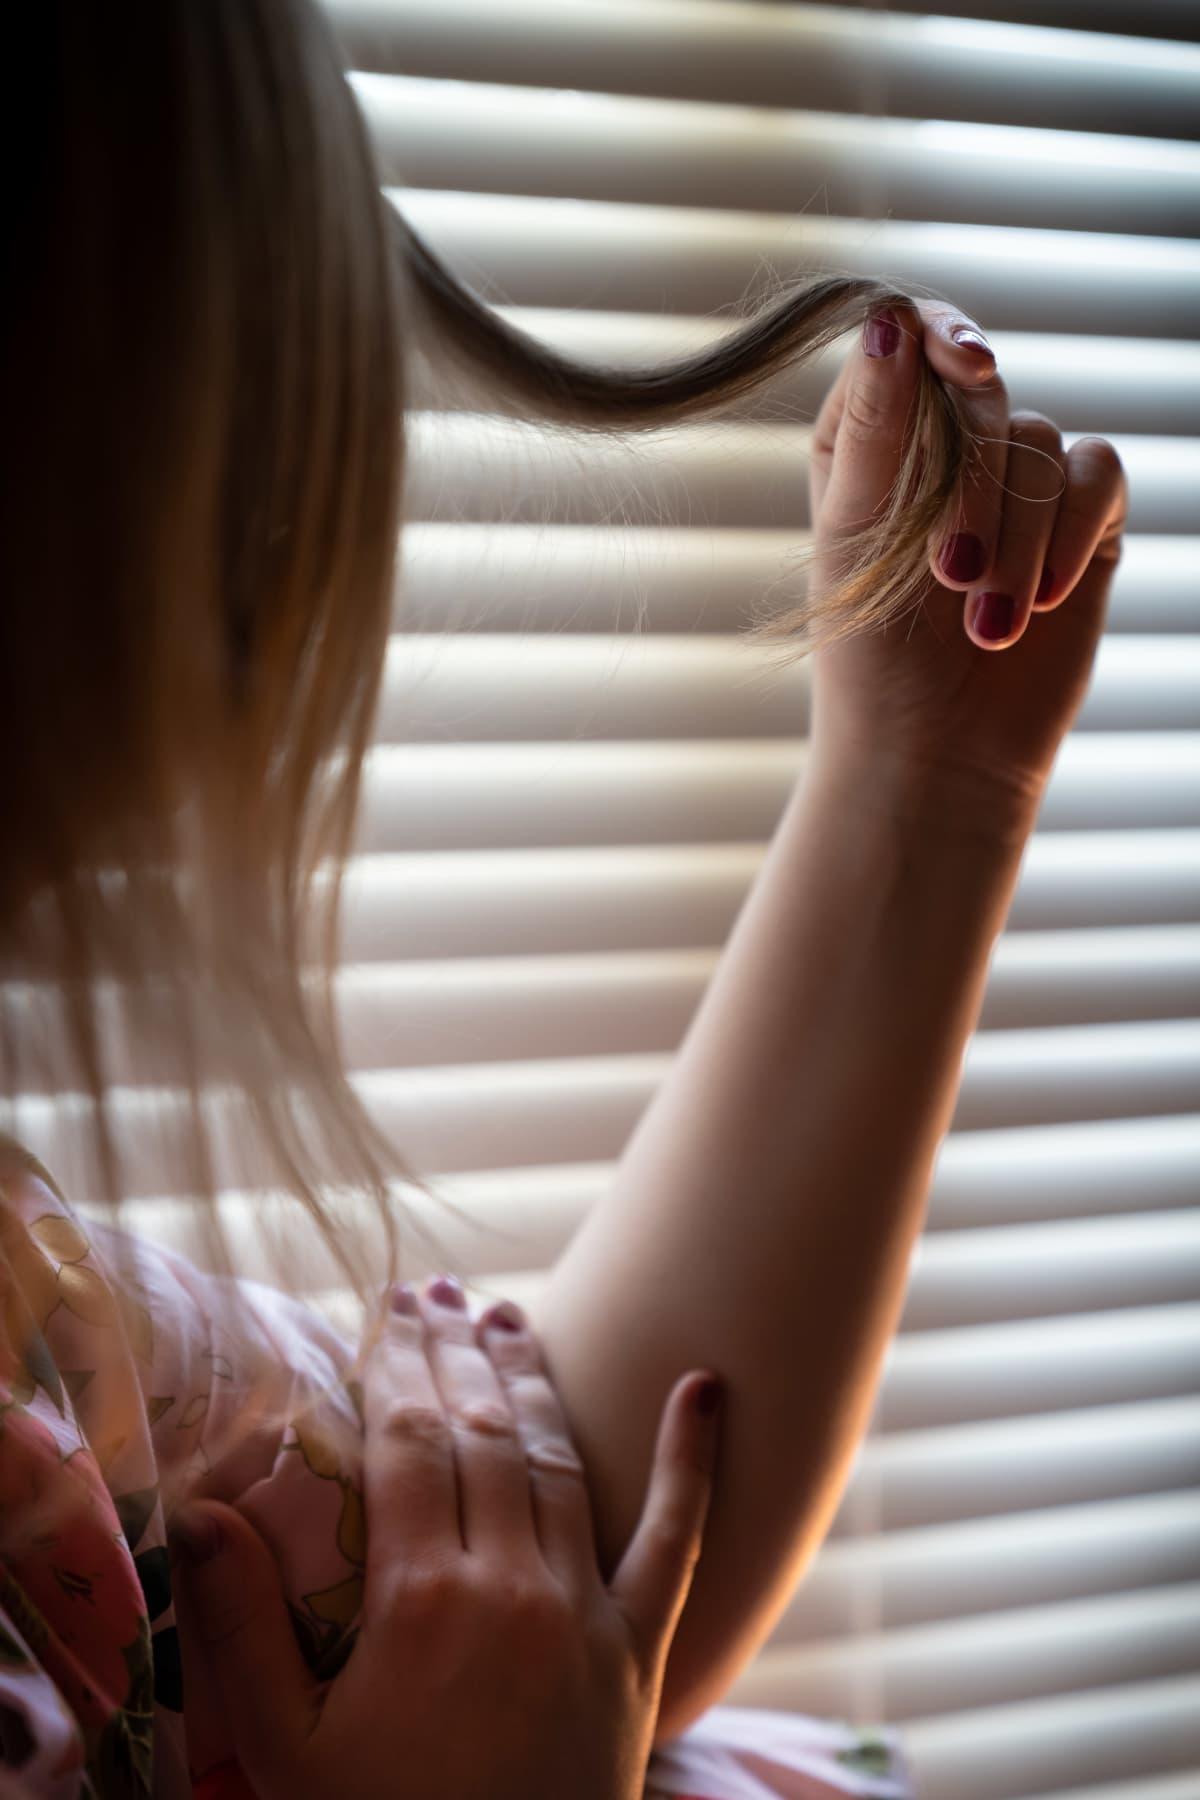 Anonyymi nainen ikkunan ääressä pyörittelee hiussuortuvaa.